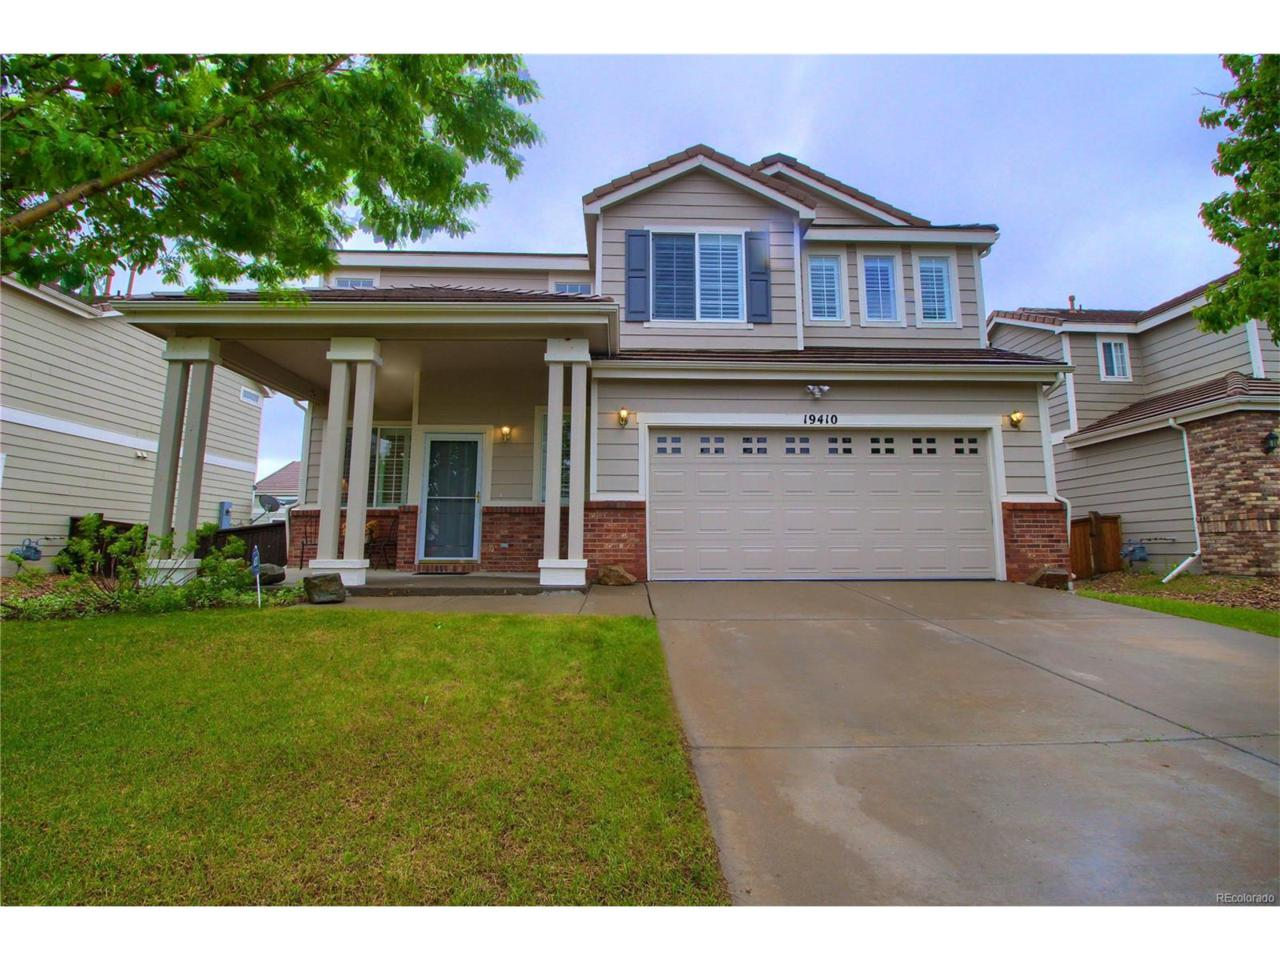 19410 E 58th Drive, Aurora, CO 80019 (MLS #7509254) :: 8z Real Estate